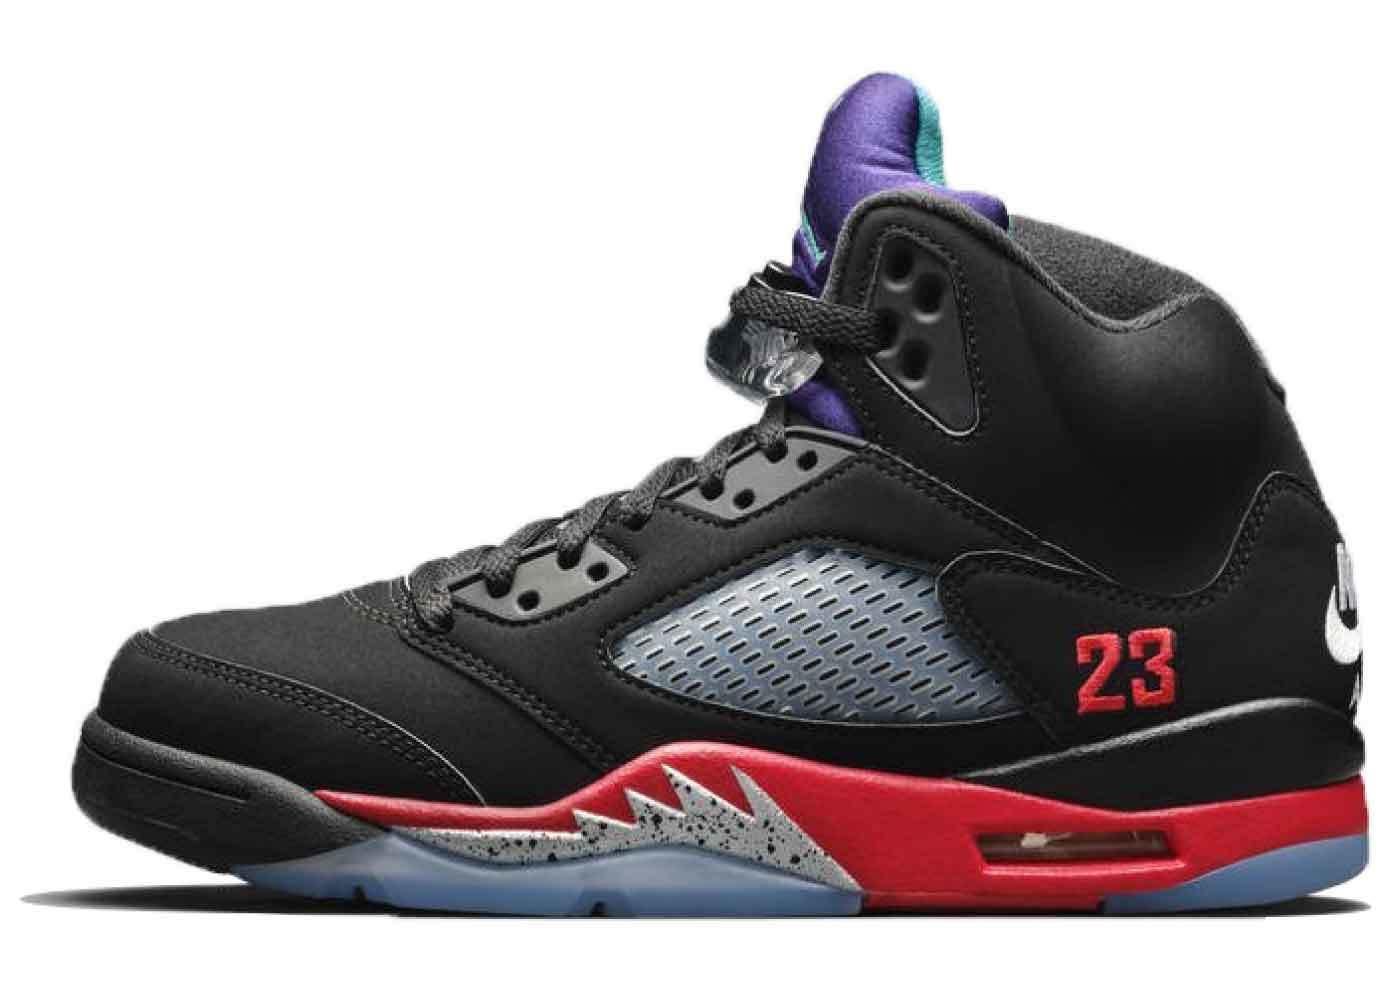 Nike Air Jordan 5 Retro SE Top3の写真